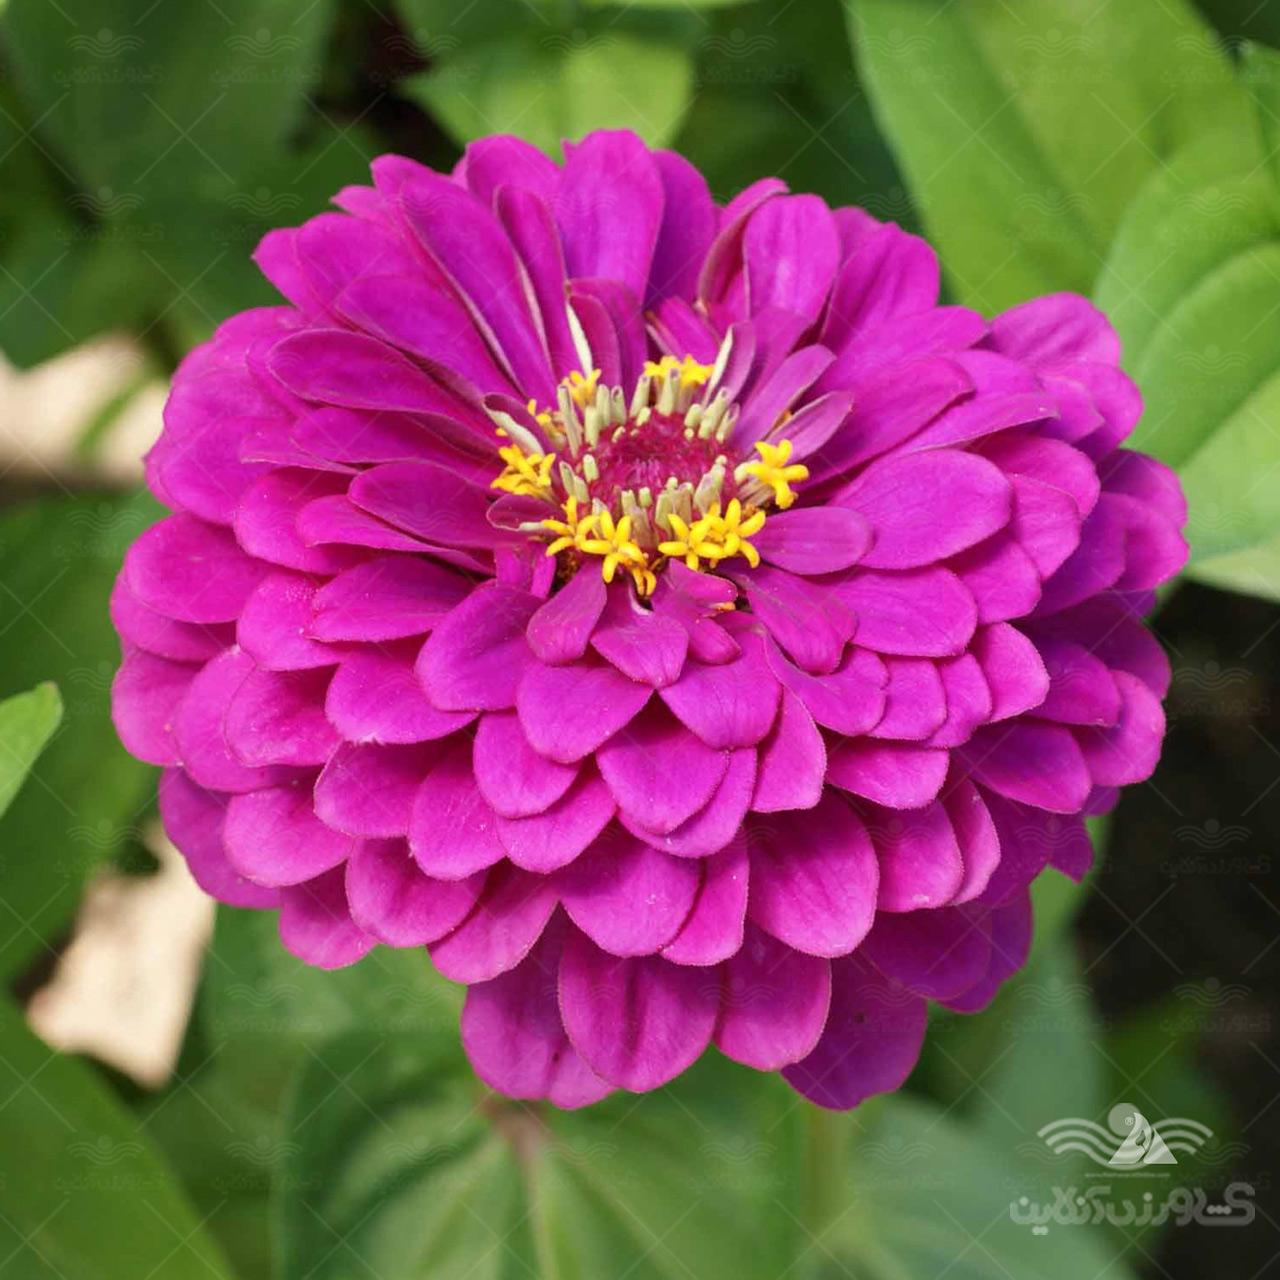 بذر گل آهار ارغوانی و روش کاشت